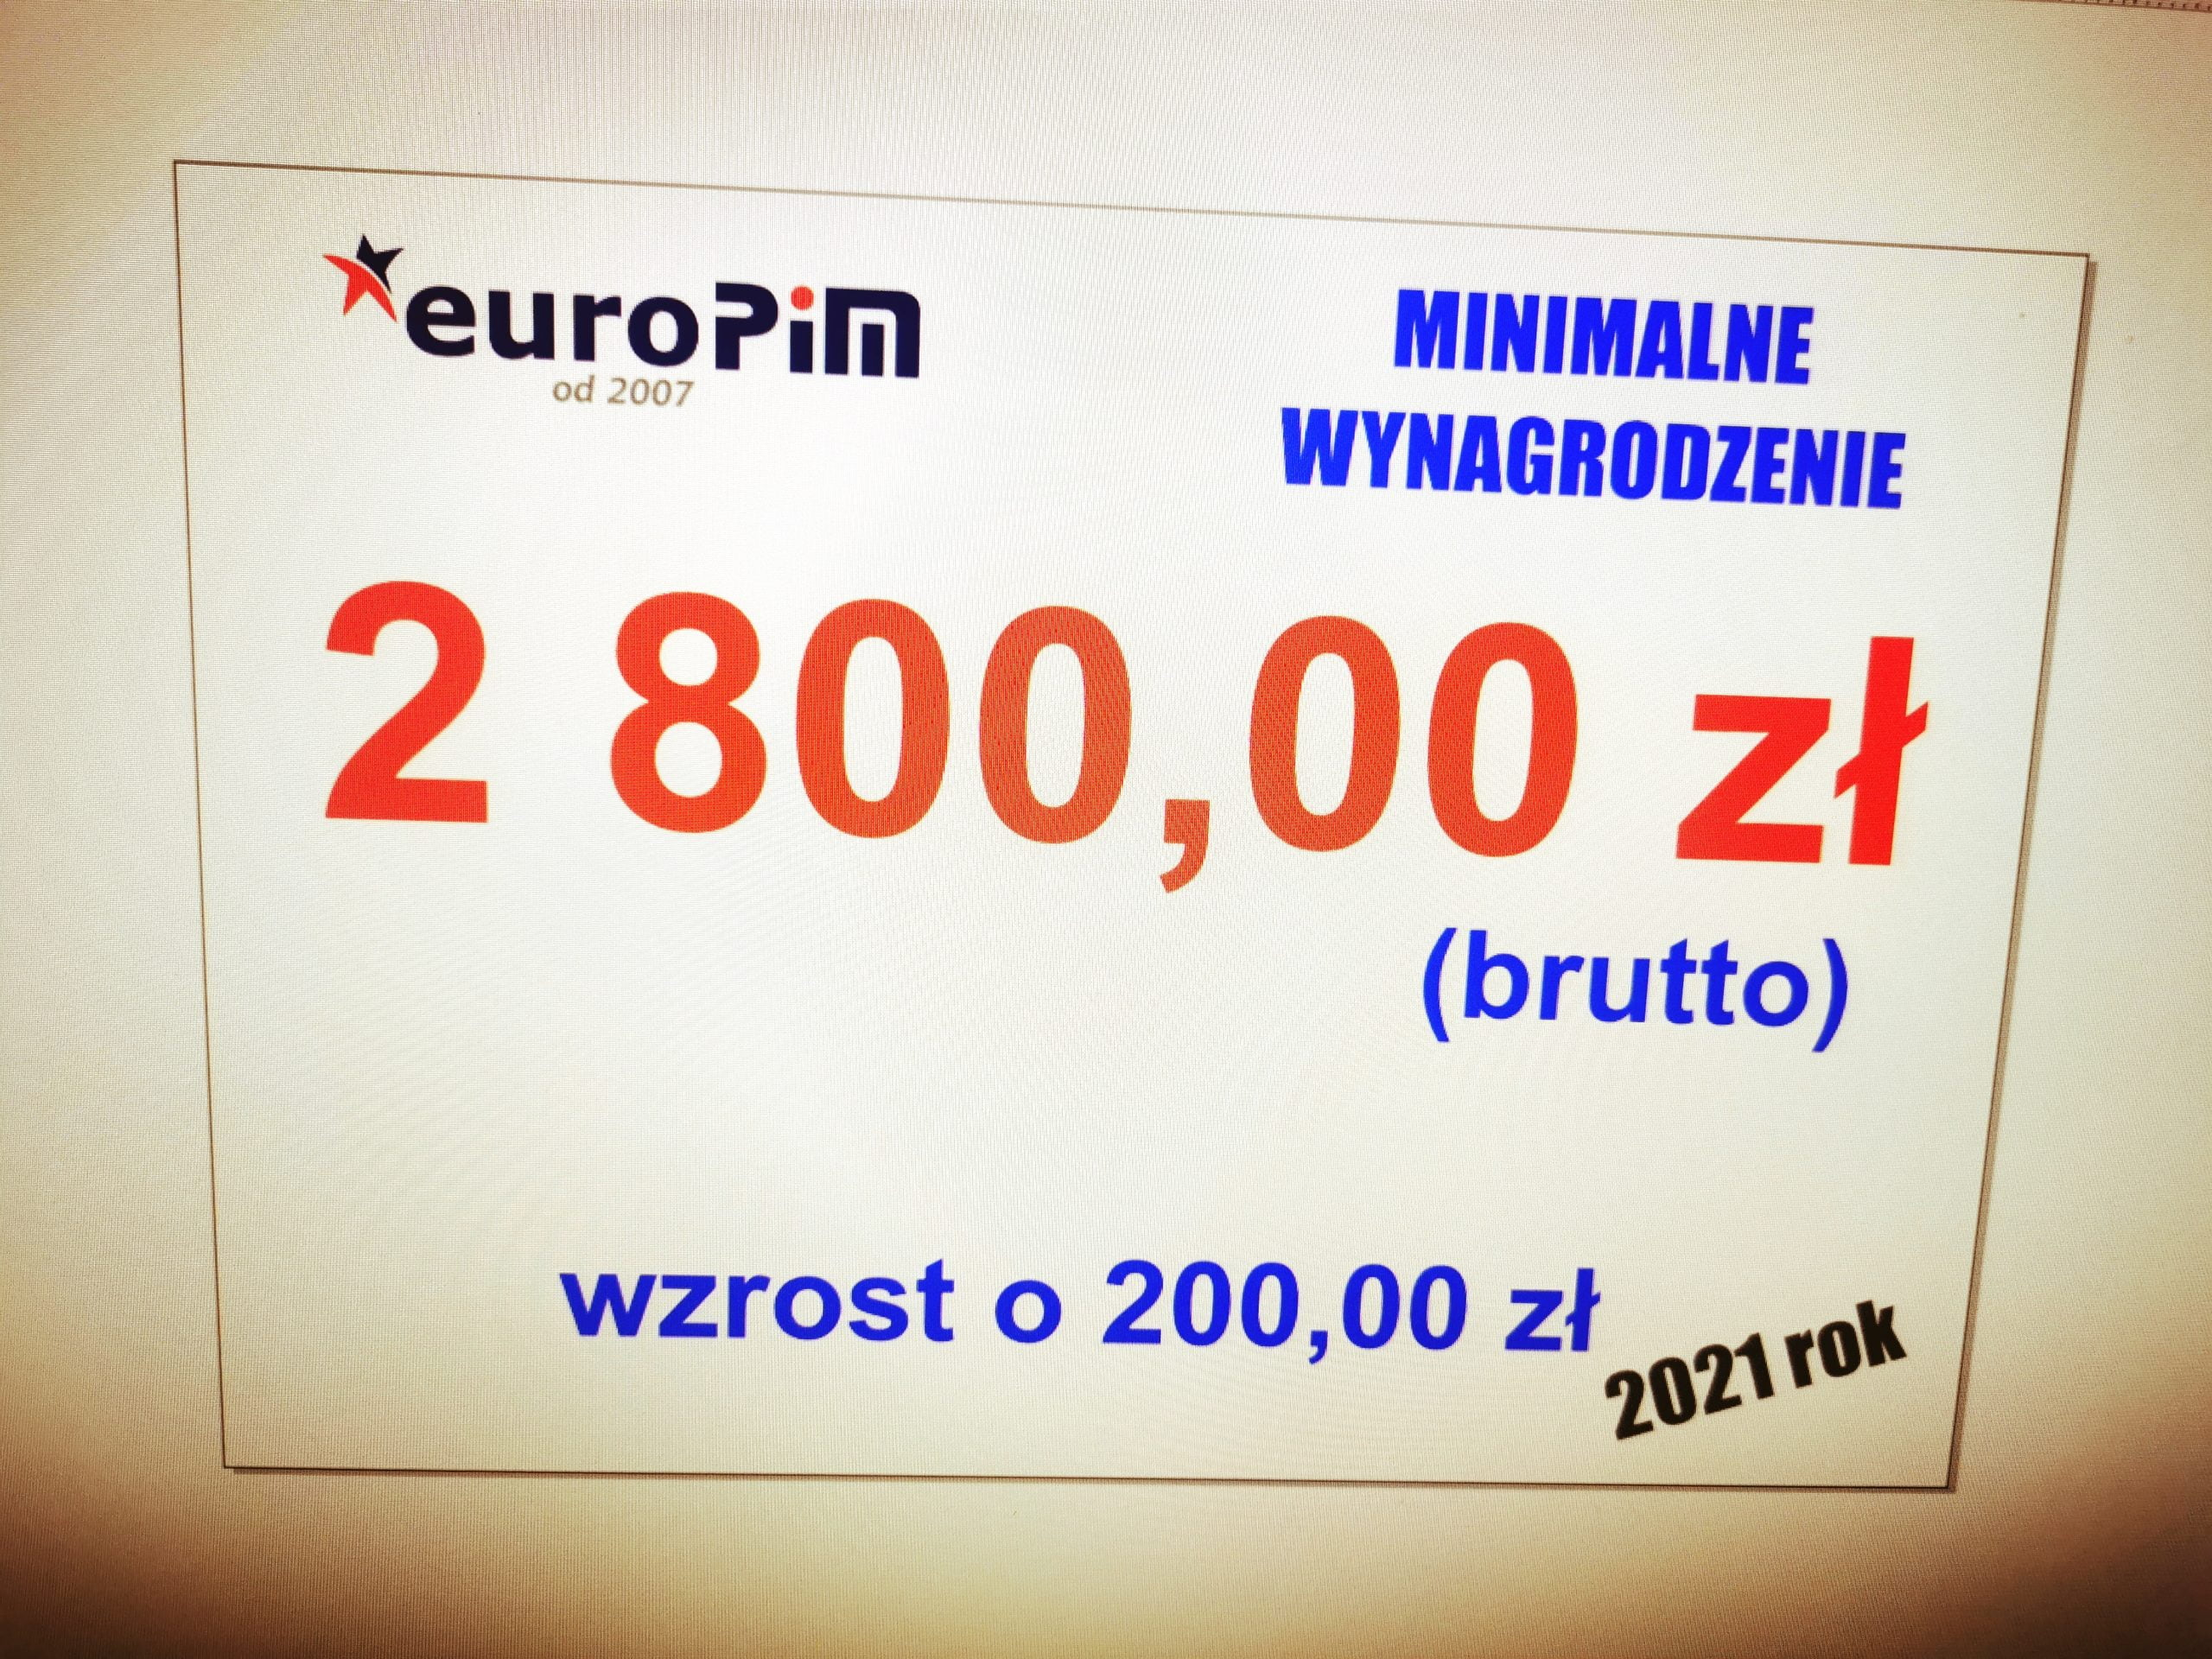 Płaca minimalna 2021 (2 800,00 zł miesięcznie; 18,30 zł stawka godzinowa)